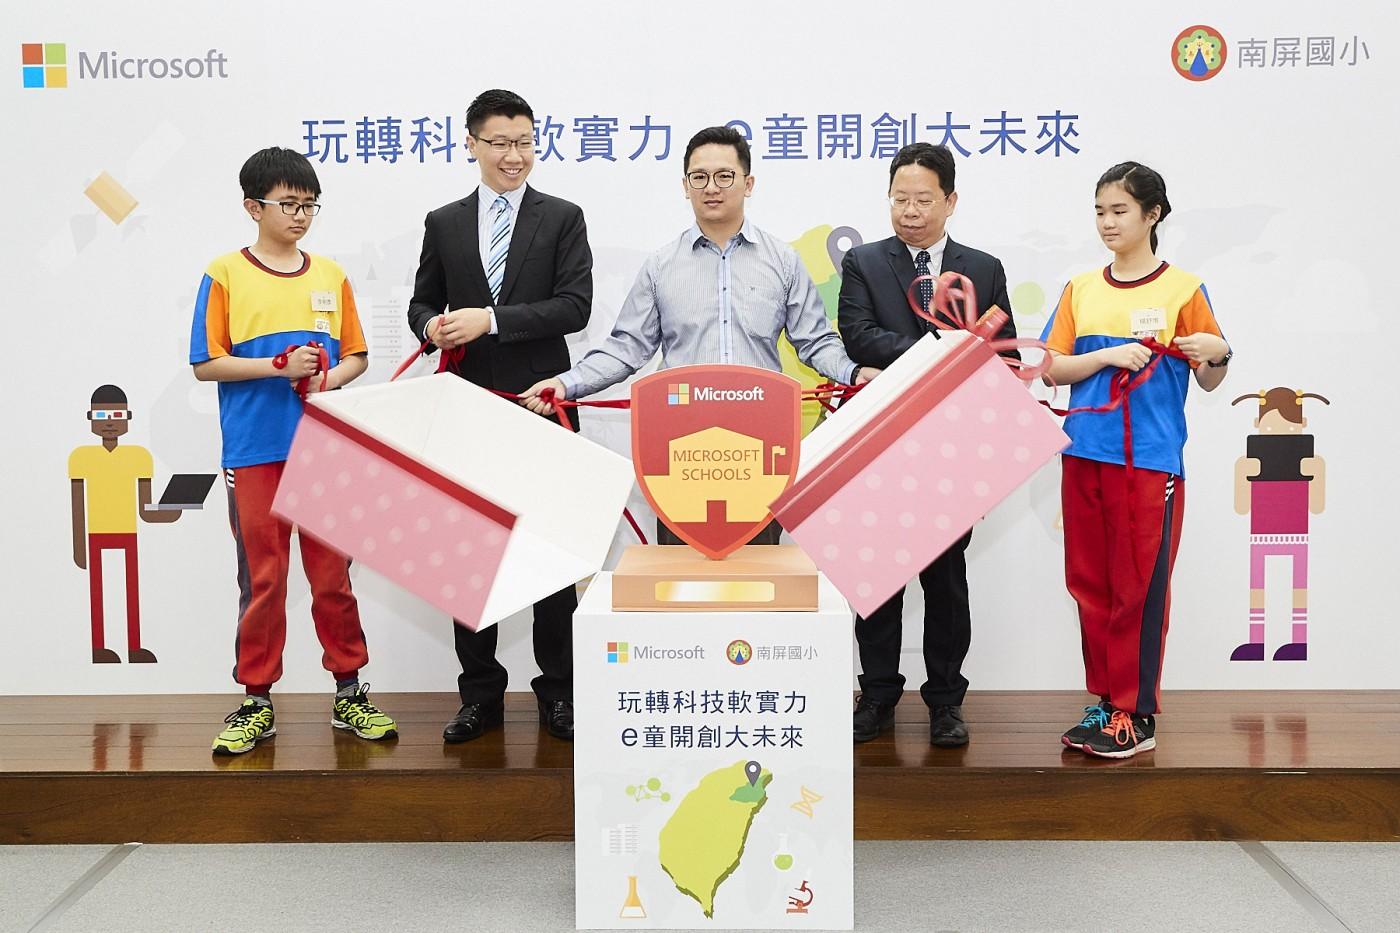 台灣微軟攜手南屏國小打造宜蘭第一個區域教學示範中心